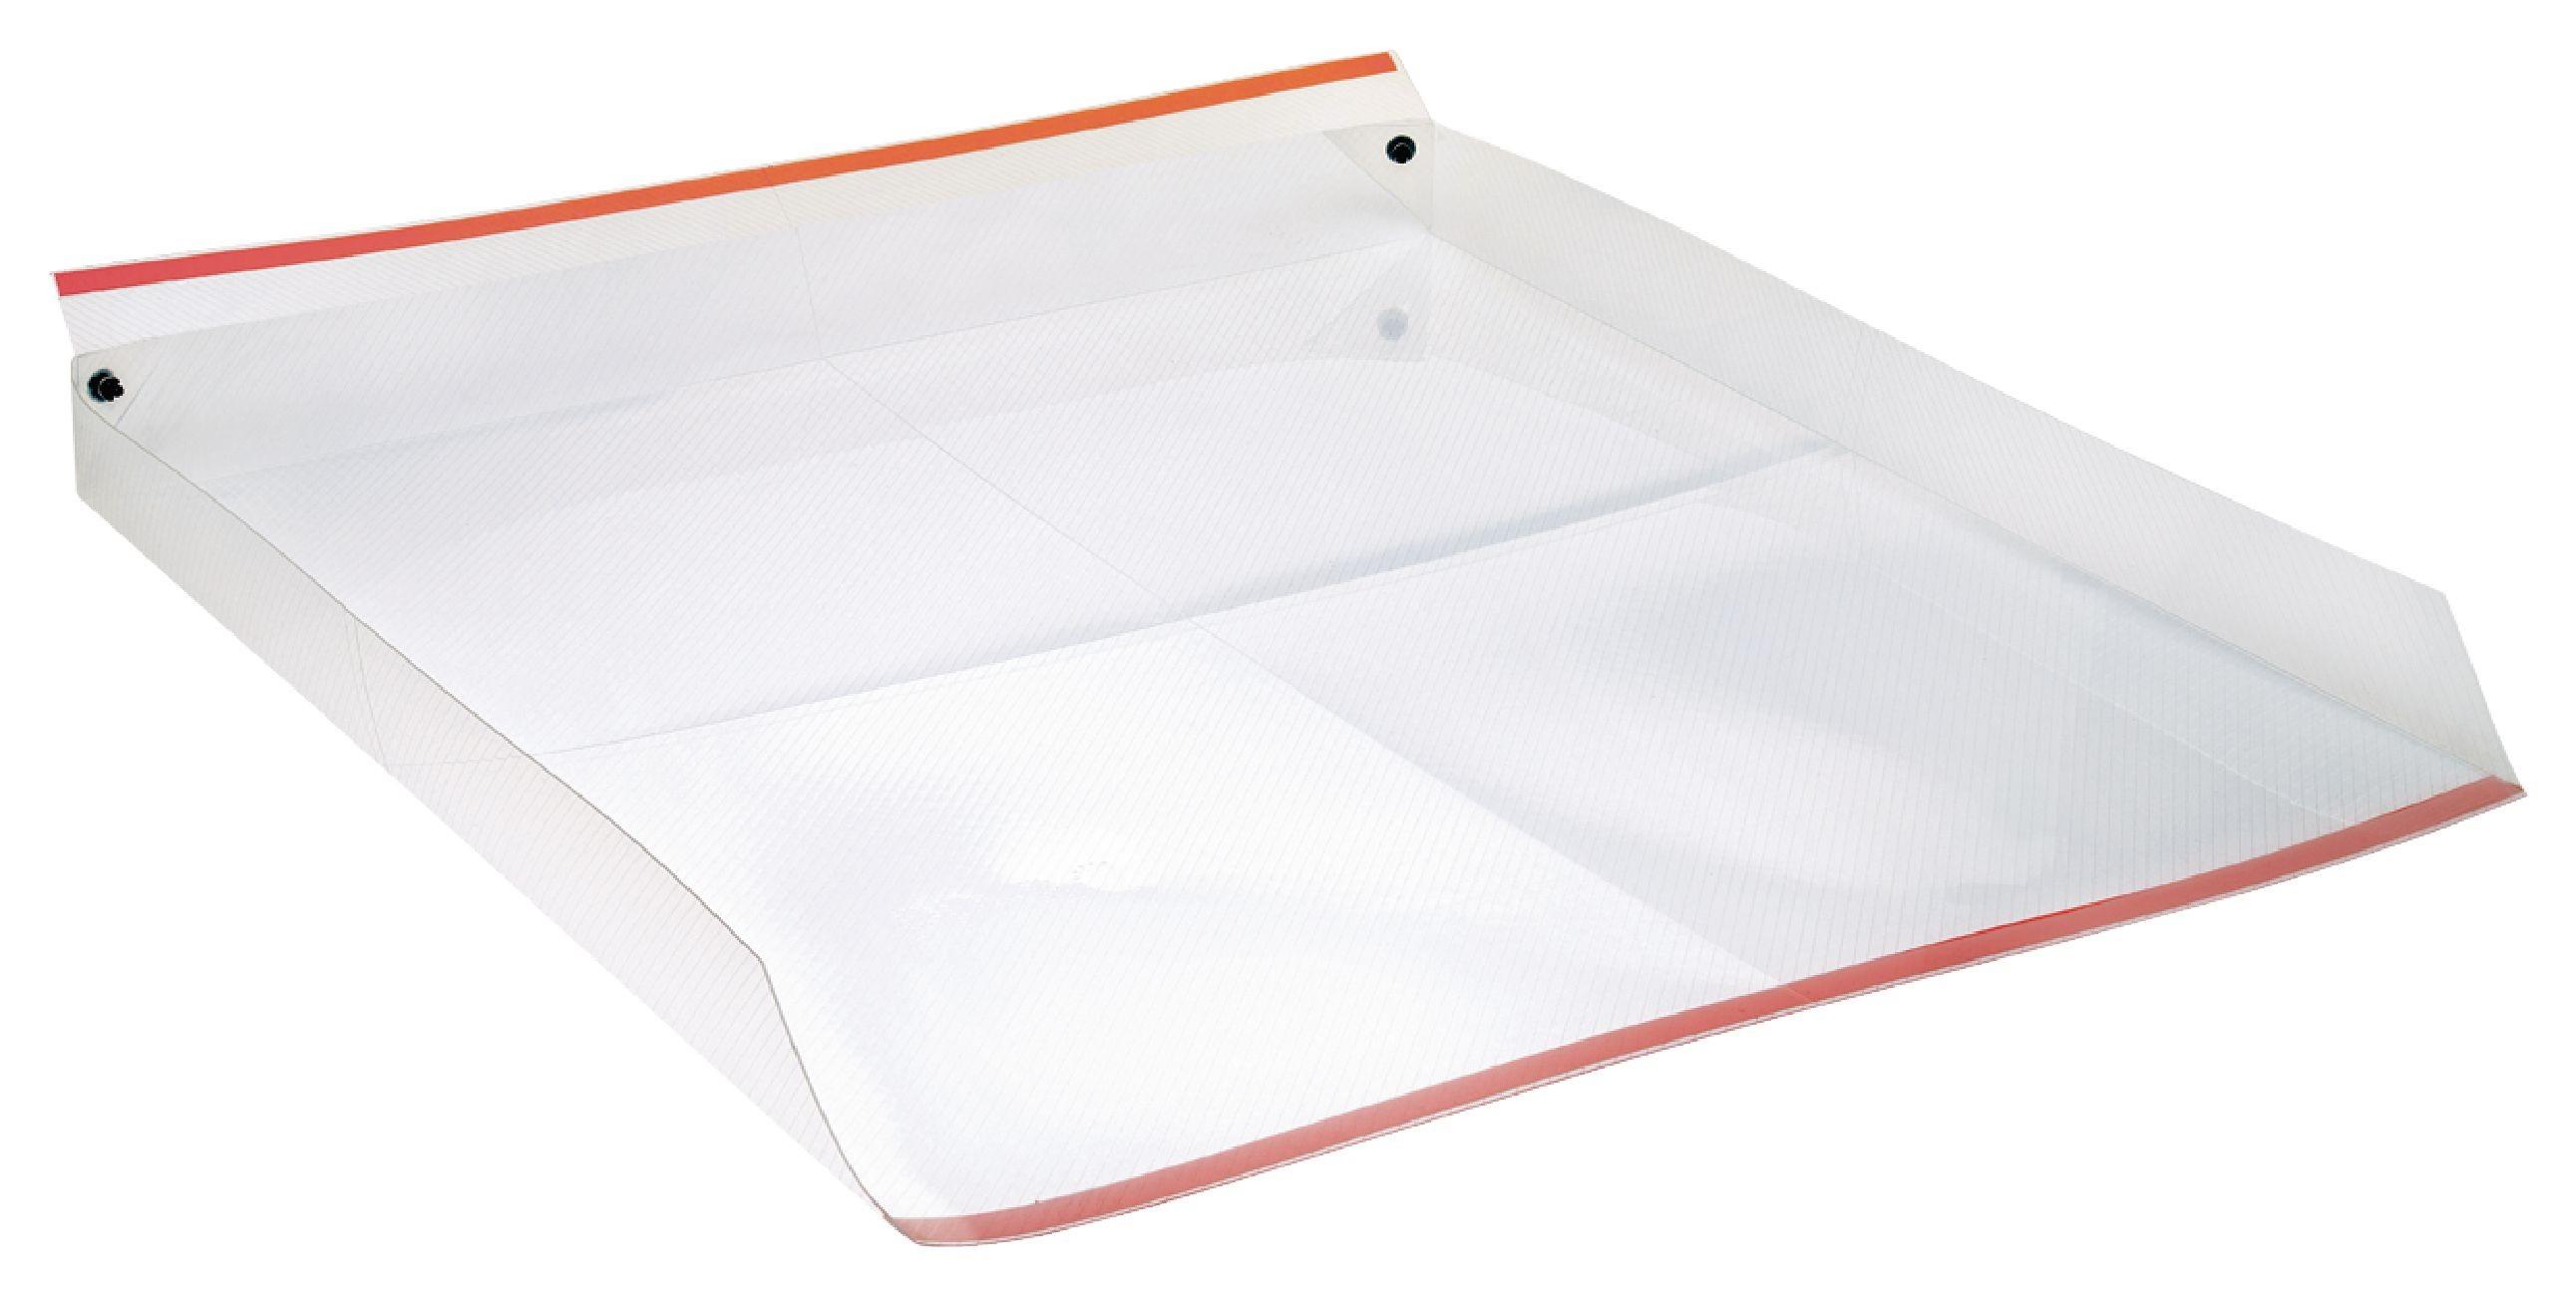 lave linge 45 amazing ordinary lave linge cm de large prolineptlf with lave linge 45. Black Bedroom Furniture Sets. Home Design Ideas